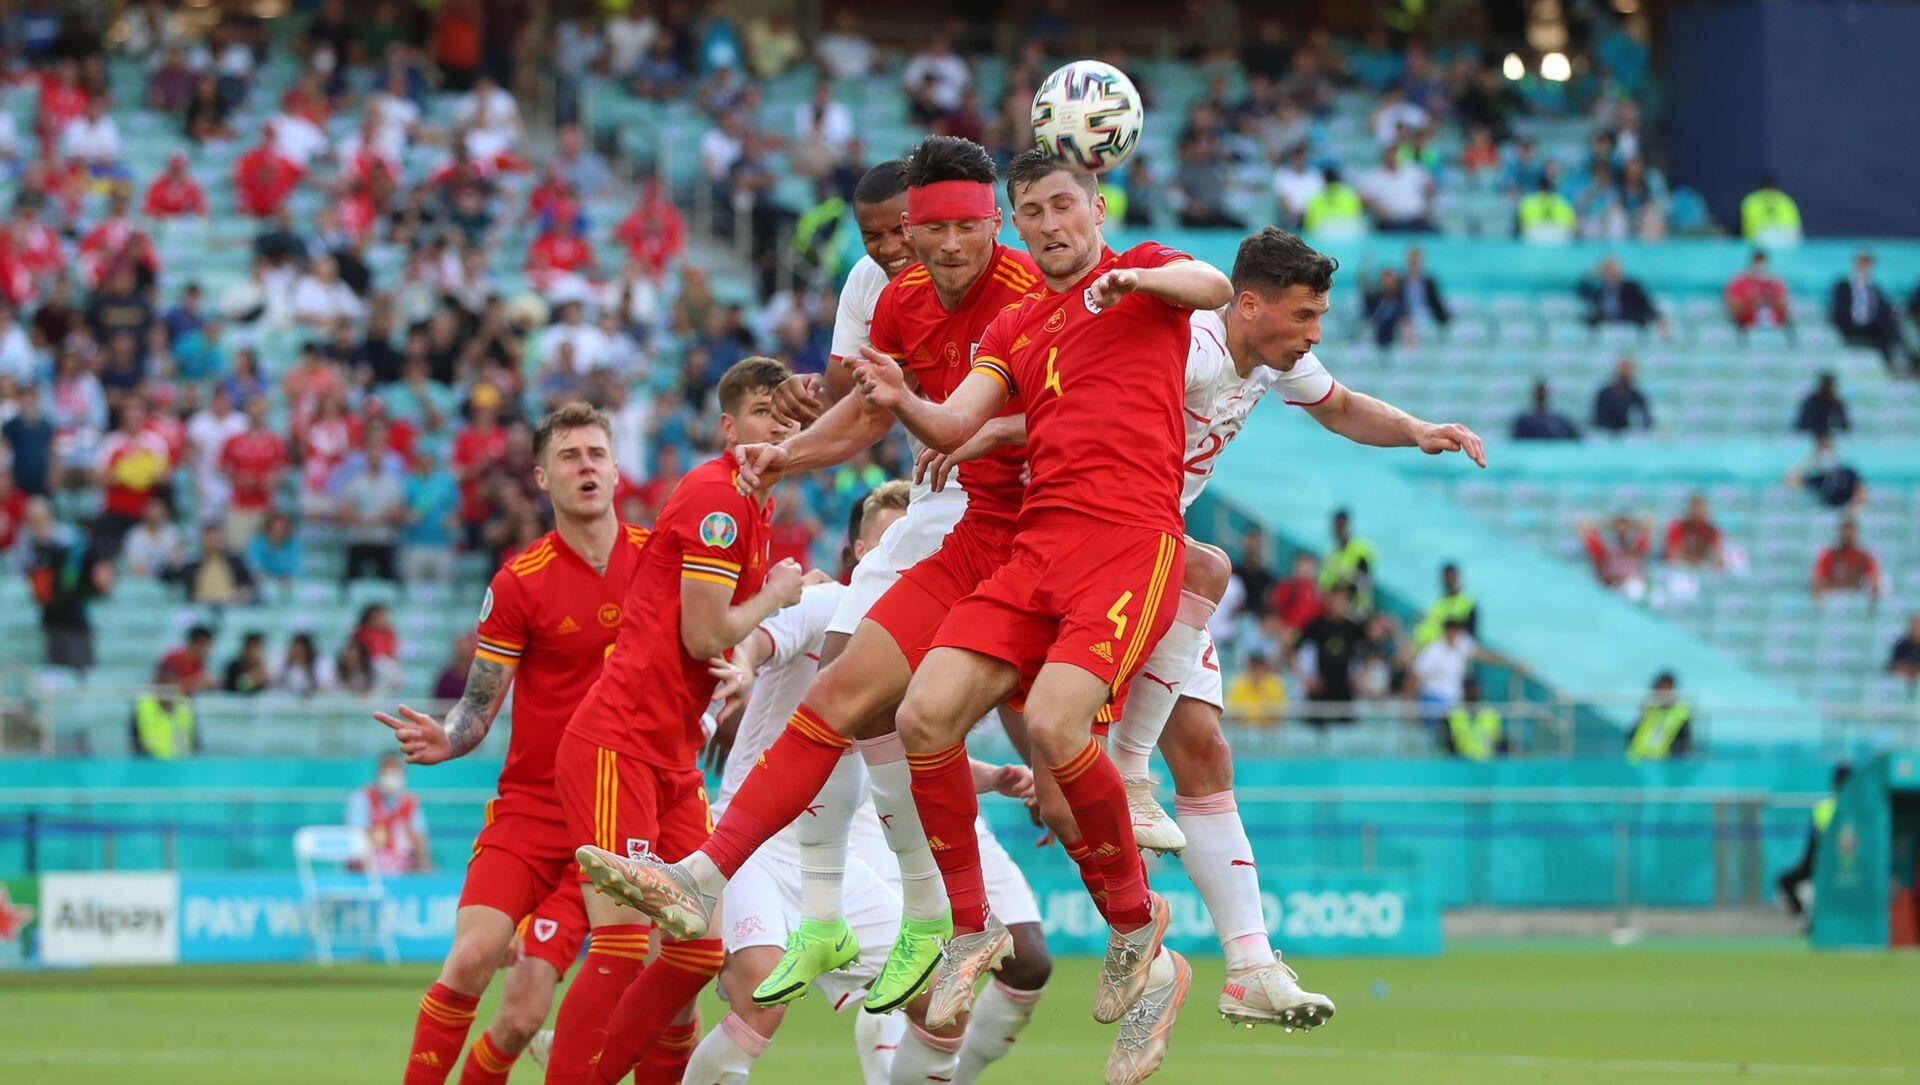 Trận đấu giữa đội tuyển xứ Wales và Thụy Sĩ tại VCK Euro 2020 - Sputnik Việt Nam, 1920, 12.06.2021